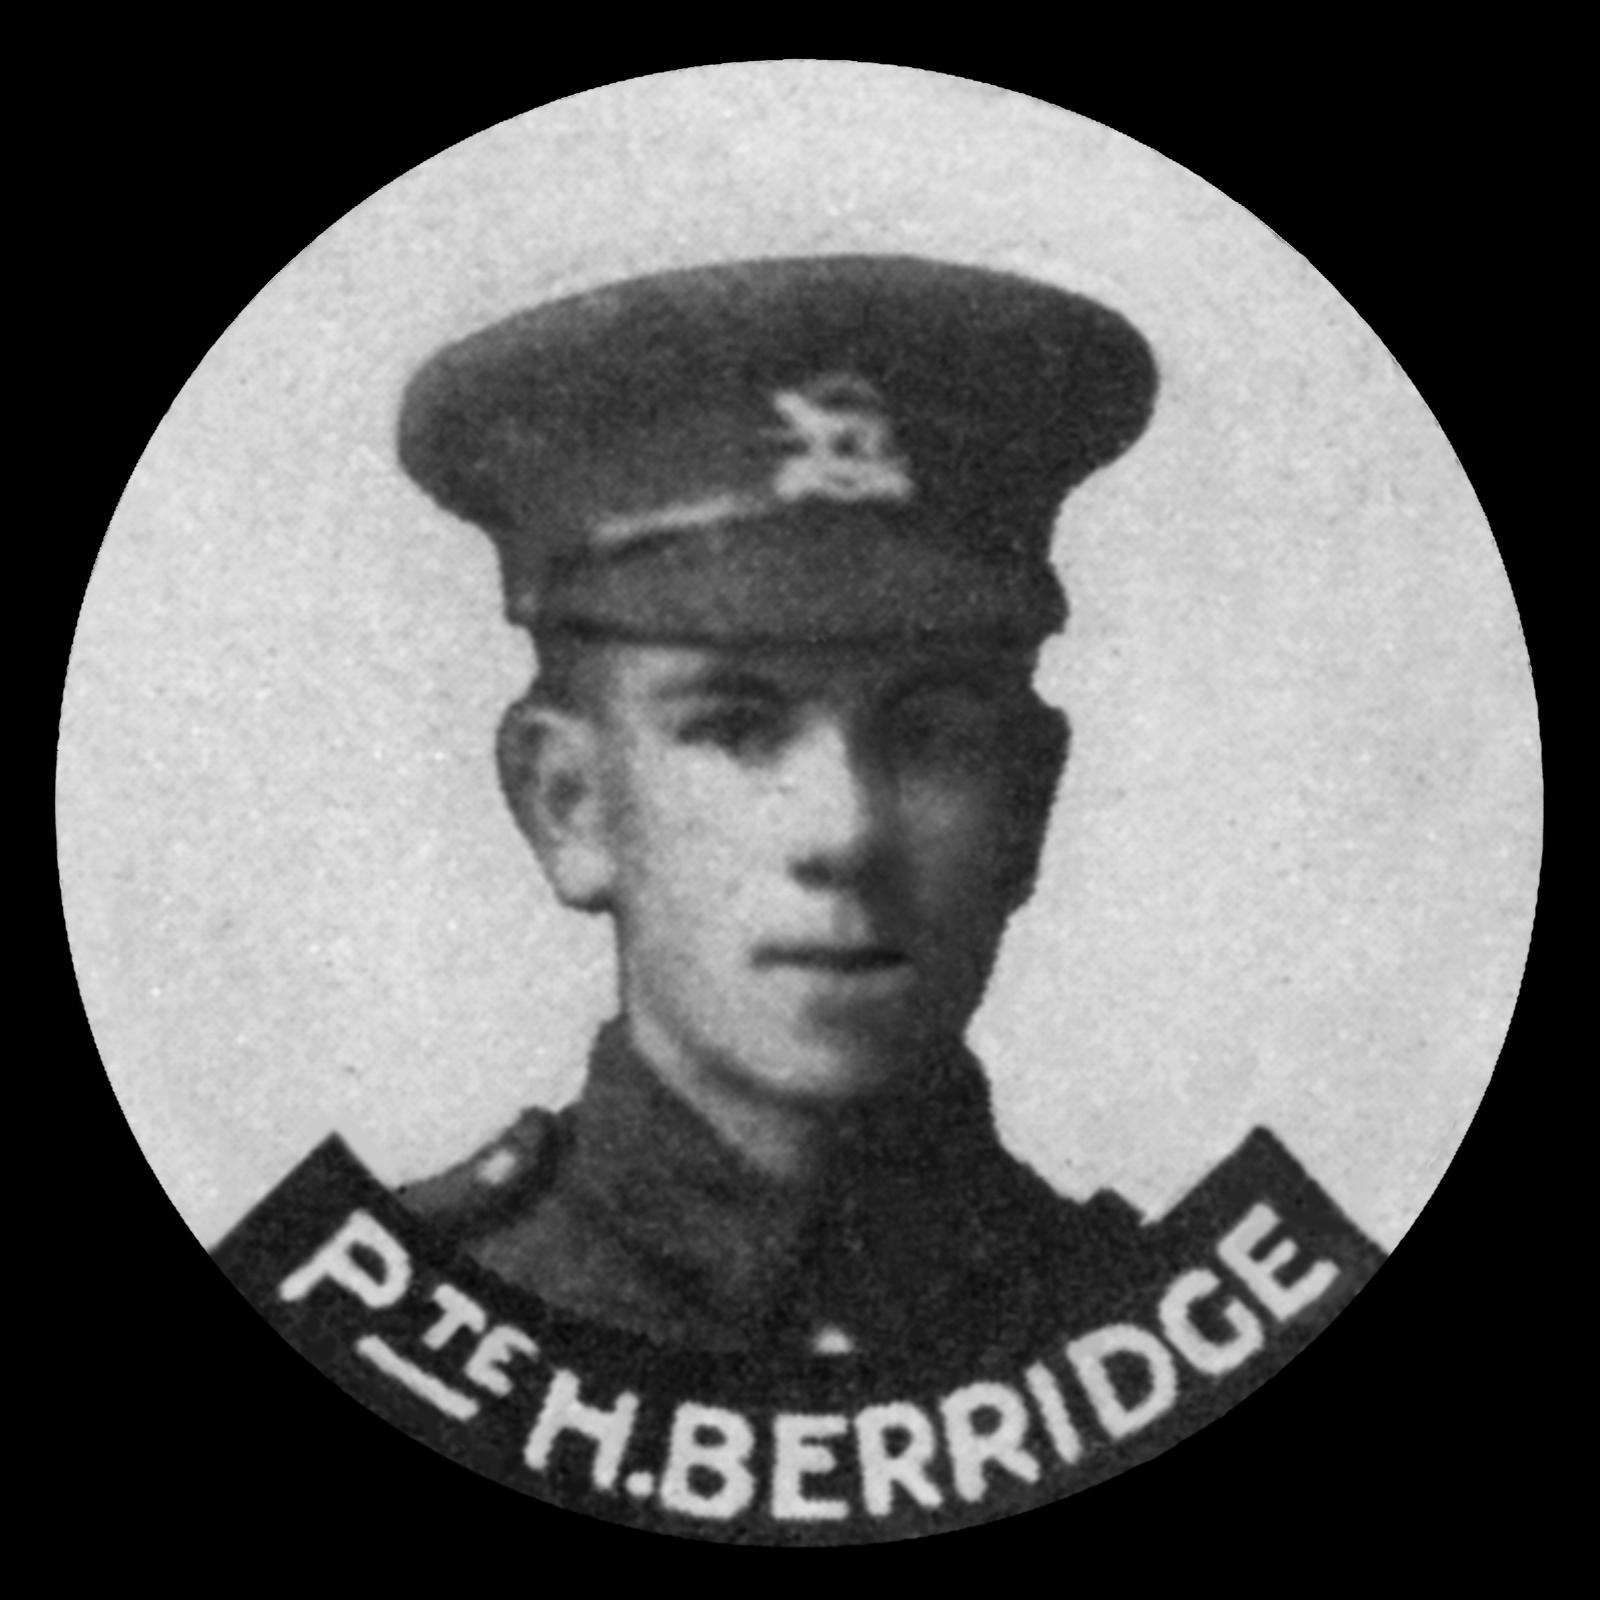 BERRIDGE Herbert Joyce